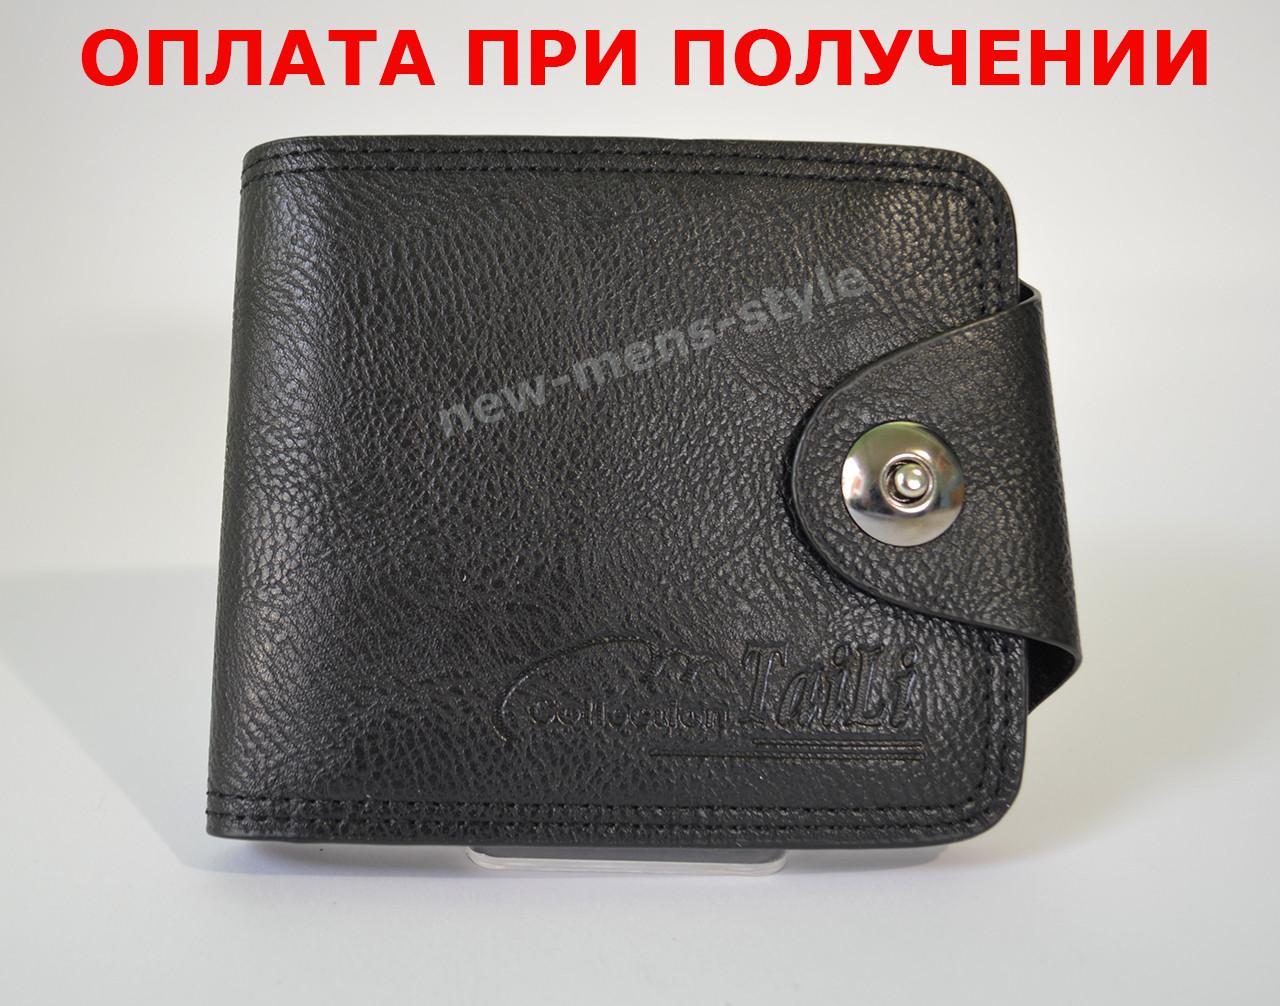 Мужской кожаный кошелек портмоне гаманець бумажник Taili купить